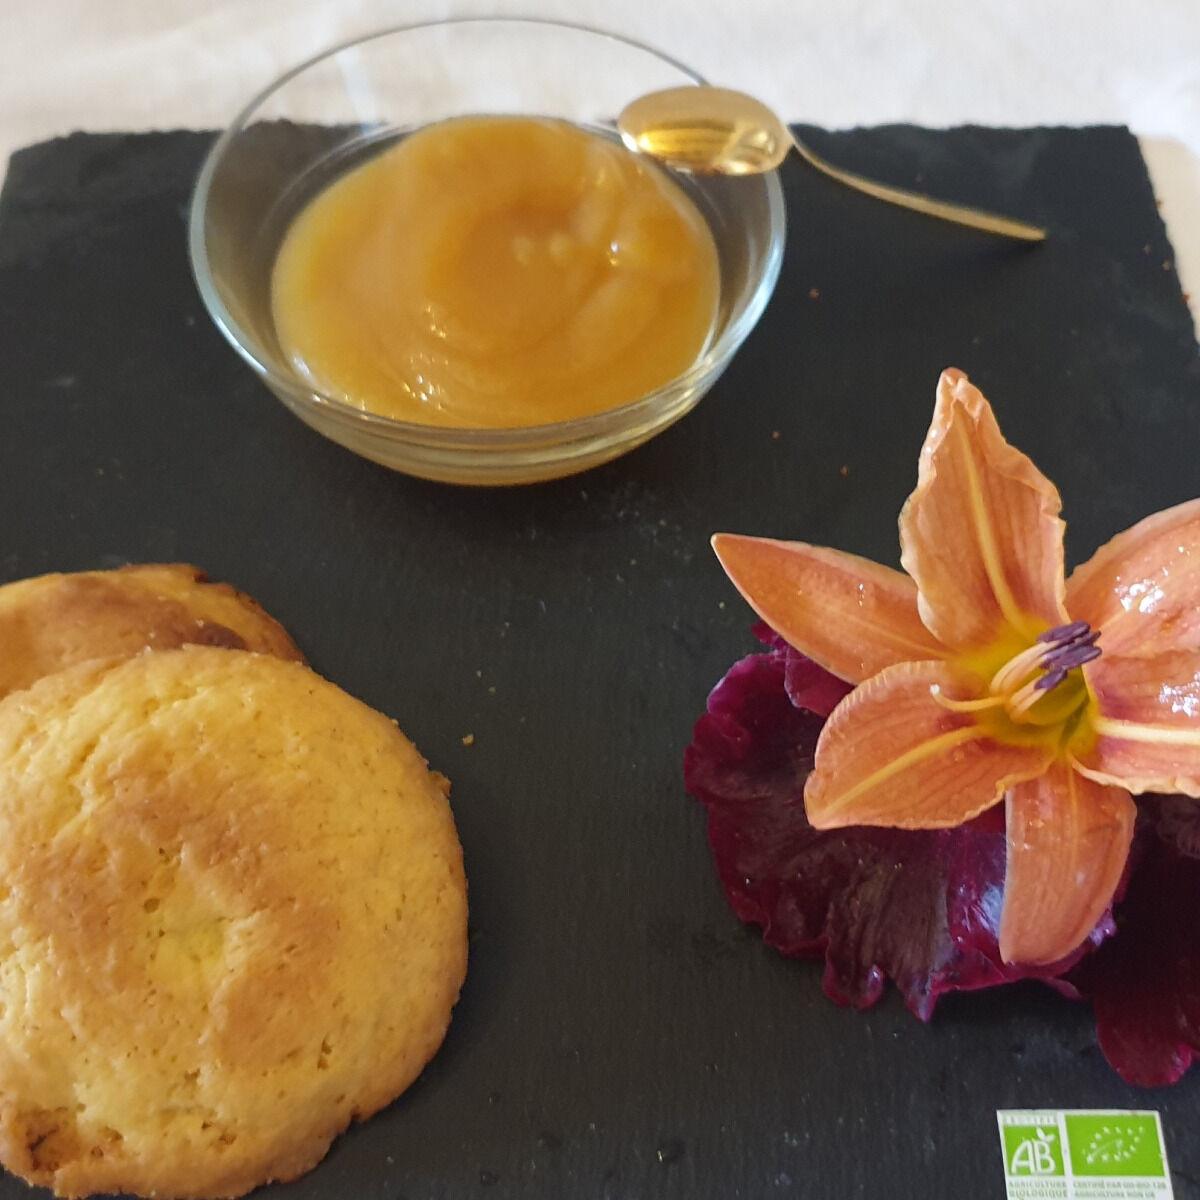 La Ferme du Montet Compote Pomme - nectarine - bio - sans sucre ajouté